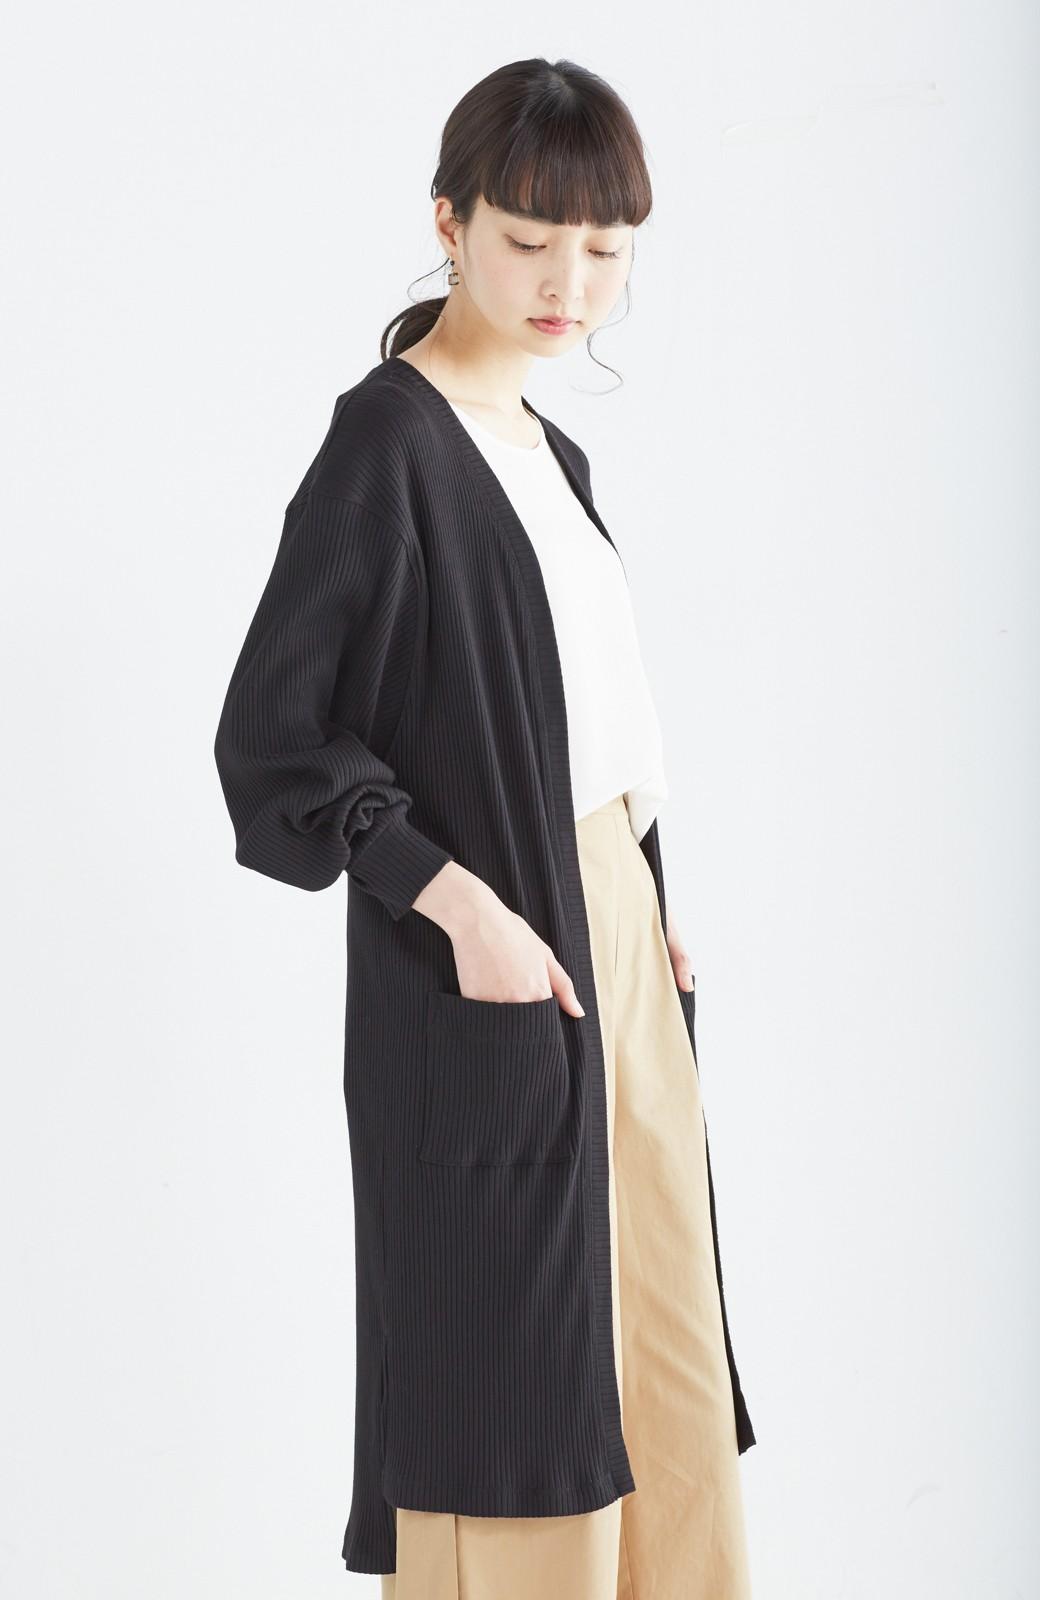 エムトロワ ひとクセ袖の上にも着られる!UVカット&吸水速乾素材のドルマン風カーディガン <ブラック>の商品写真11